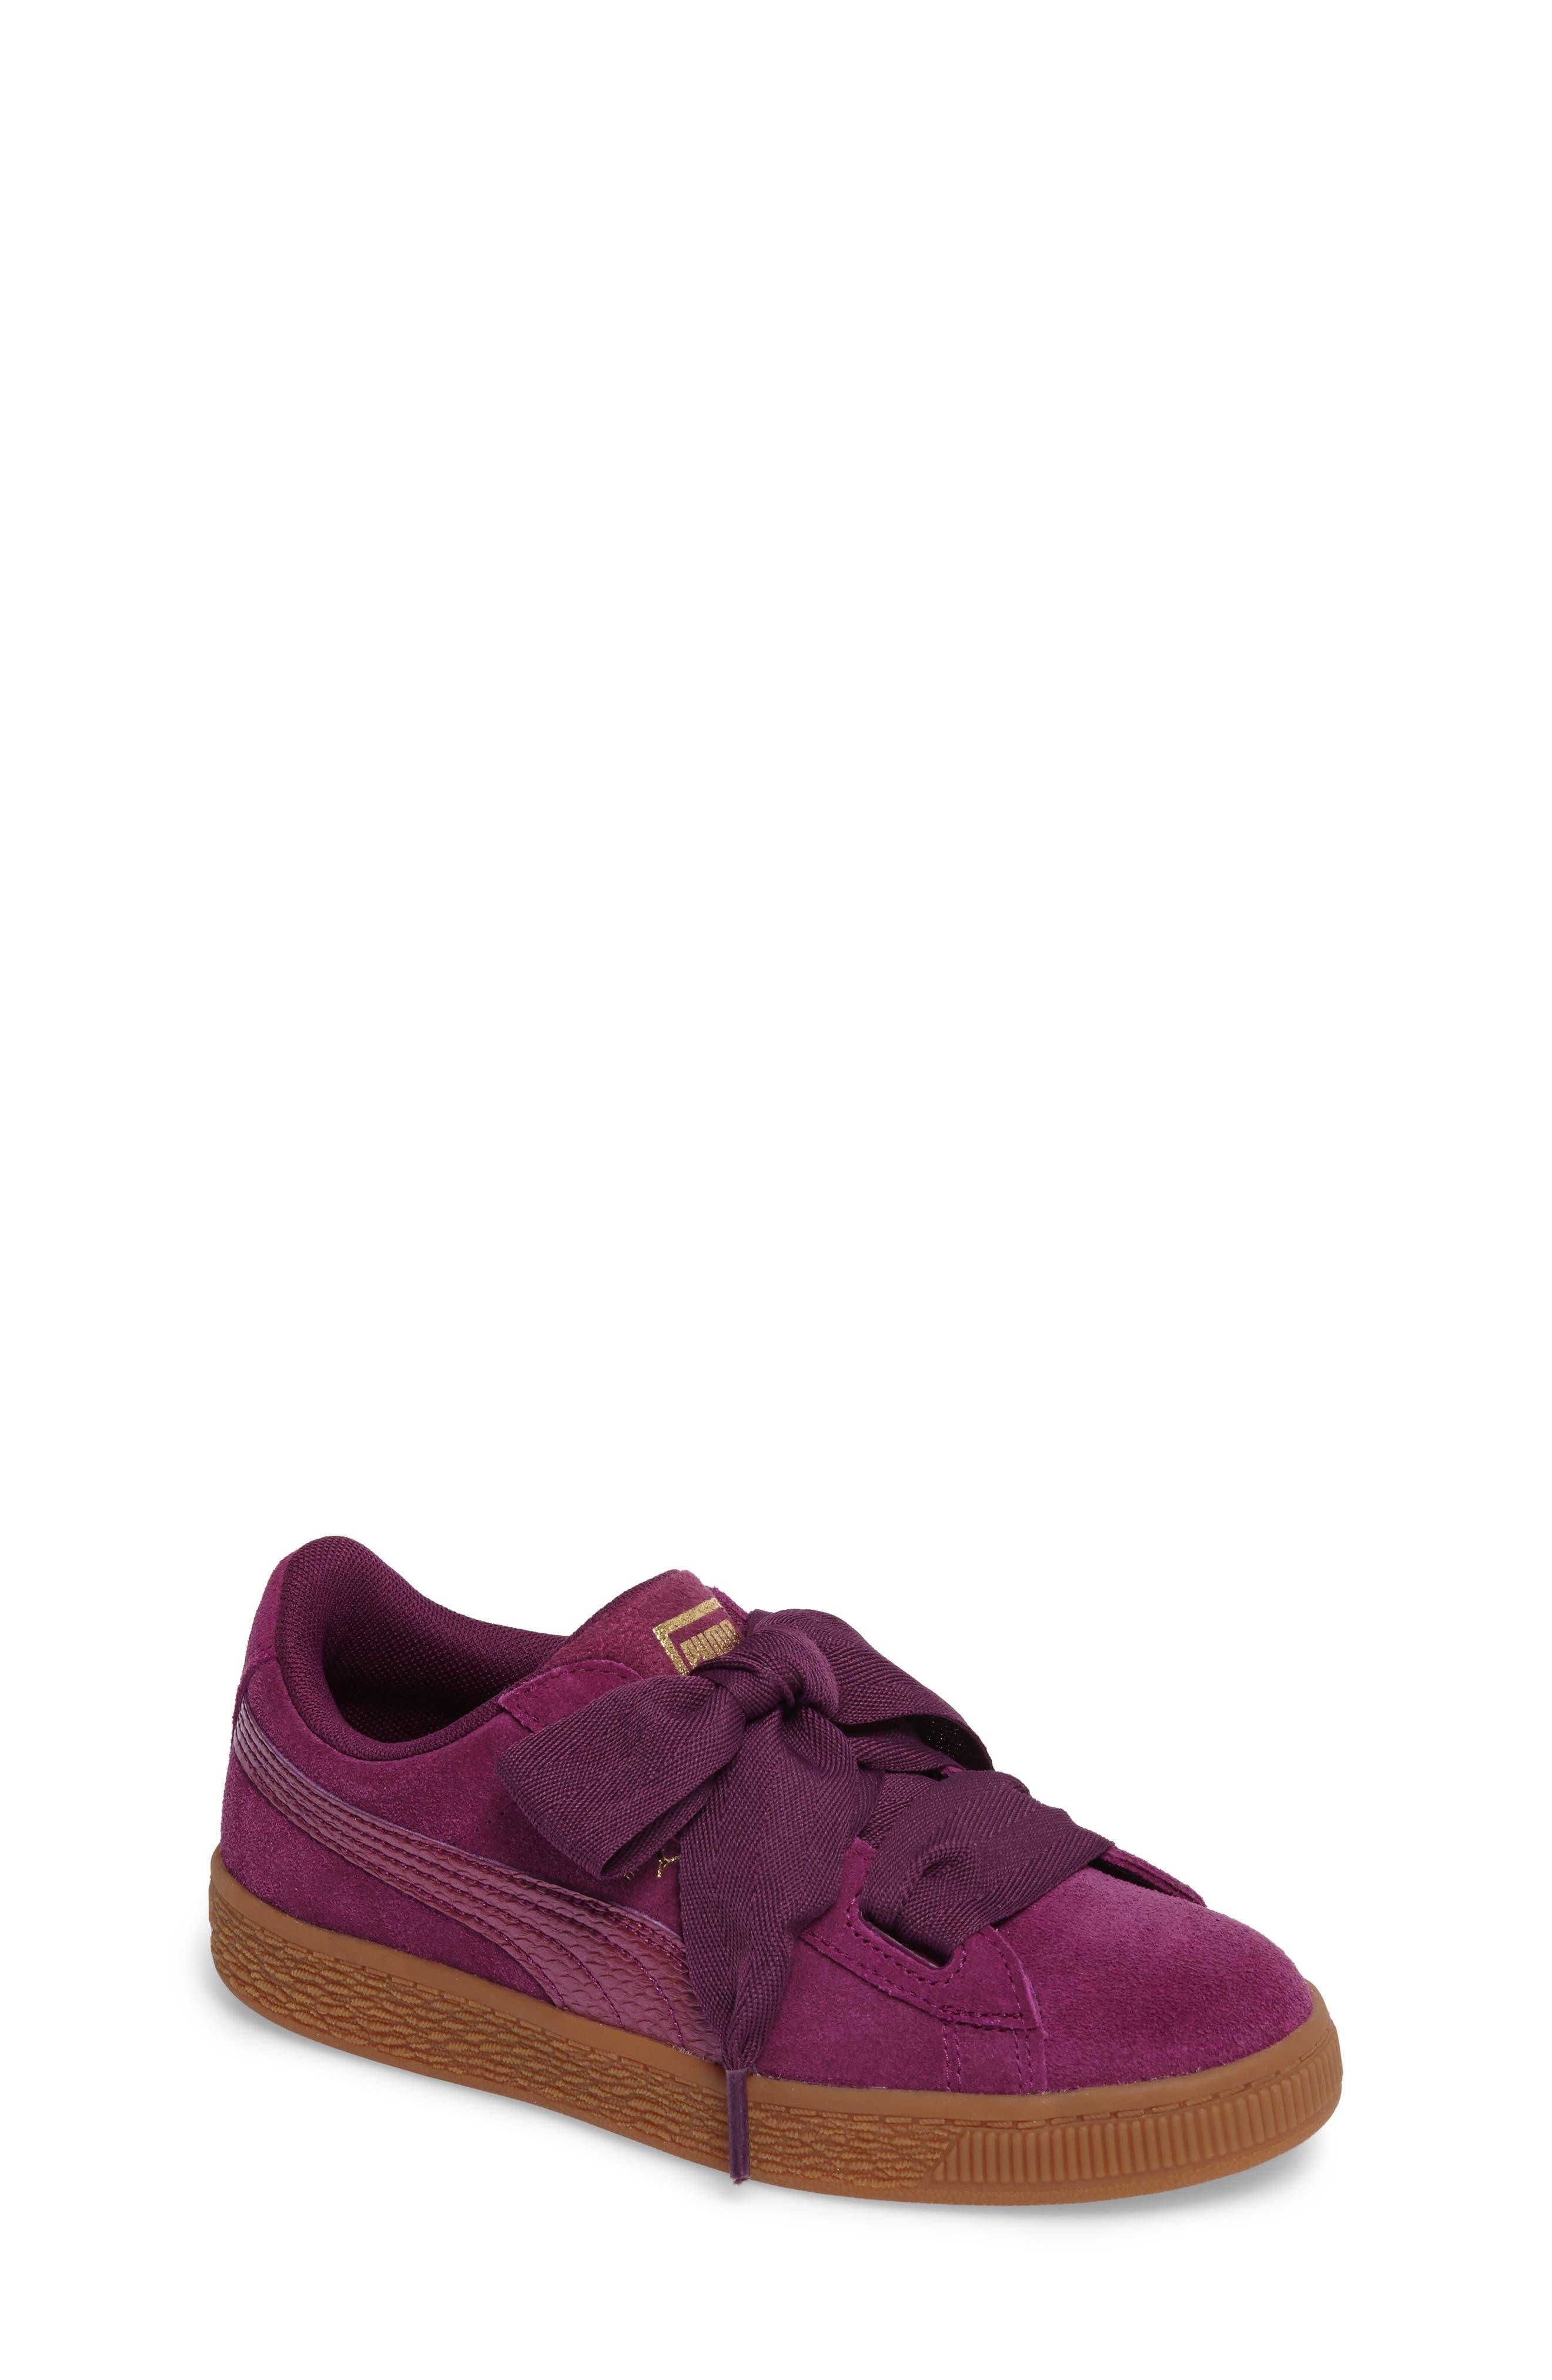 Basket Heart Sneaker,                             Main thumbnail 2, color,